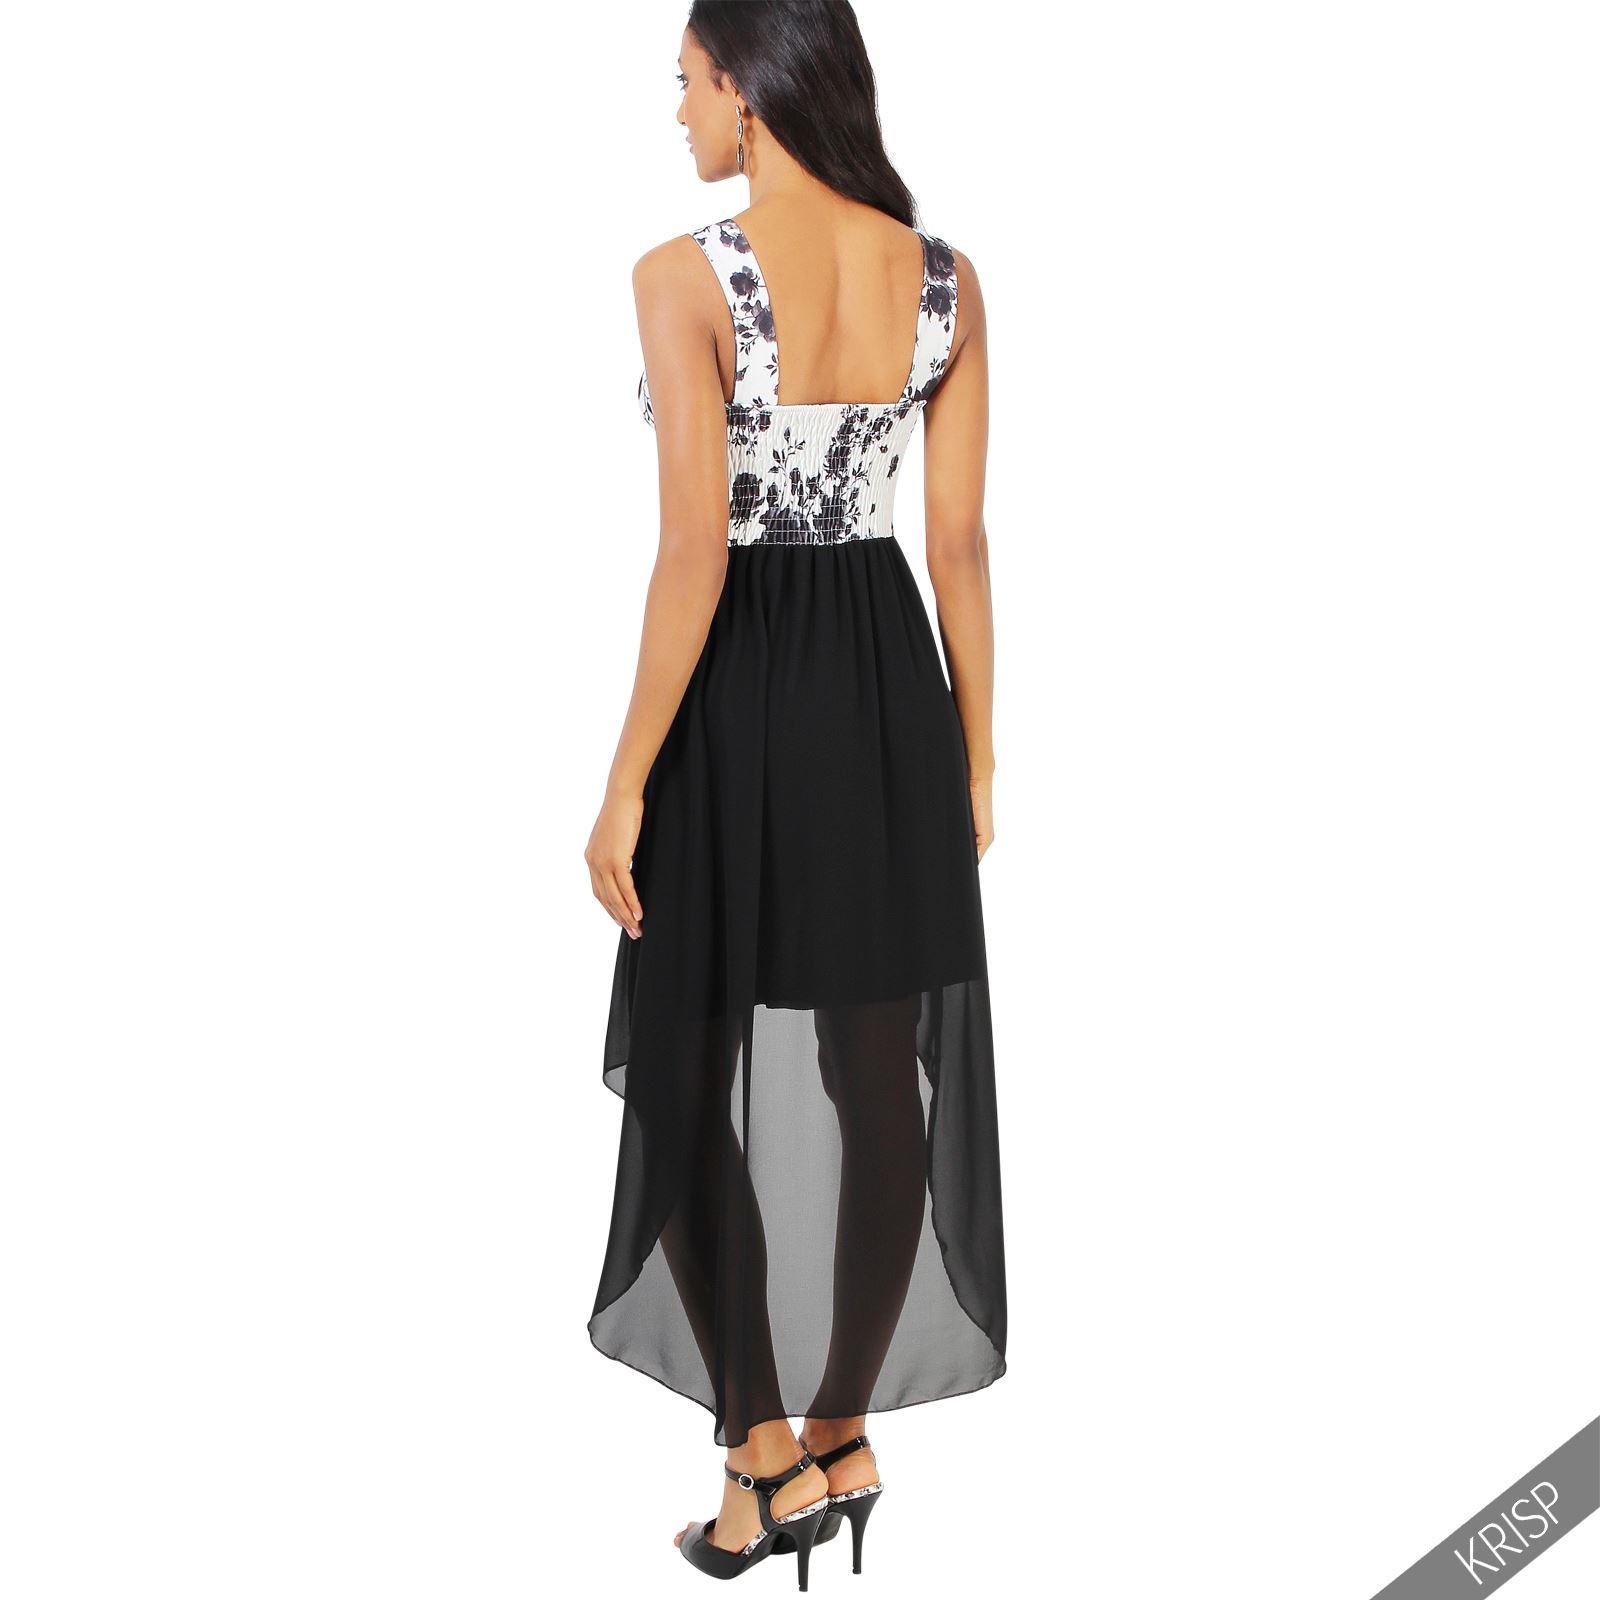 Damen sommer party kleid stretch chiffon mini midi vokuhila rock asymmetrisch ebay - Vokuhila kleid chiffon ...